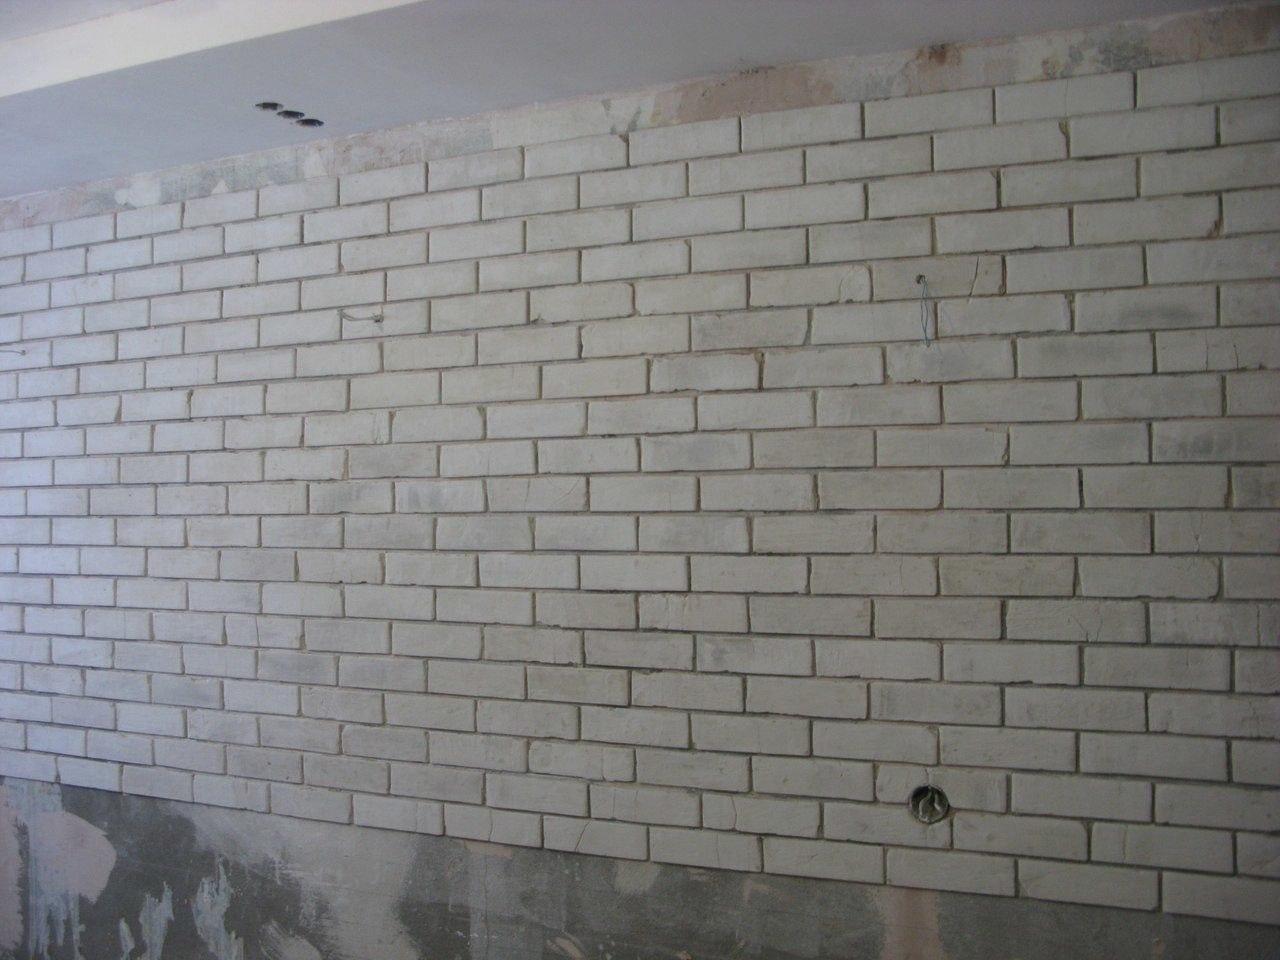 kirpichnaya-stena-svoimi-rukami